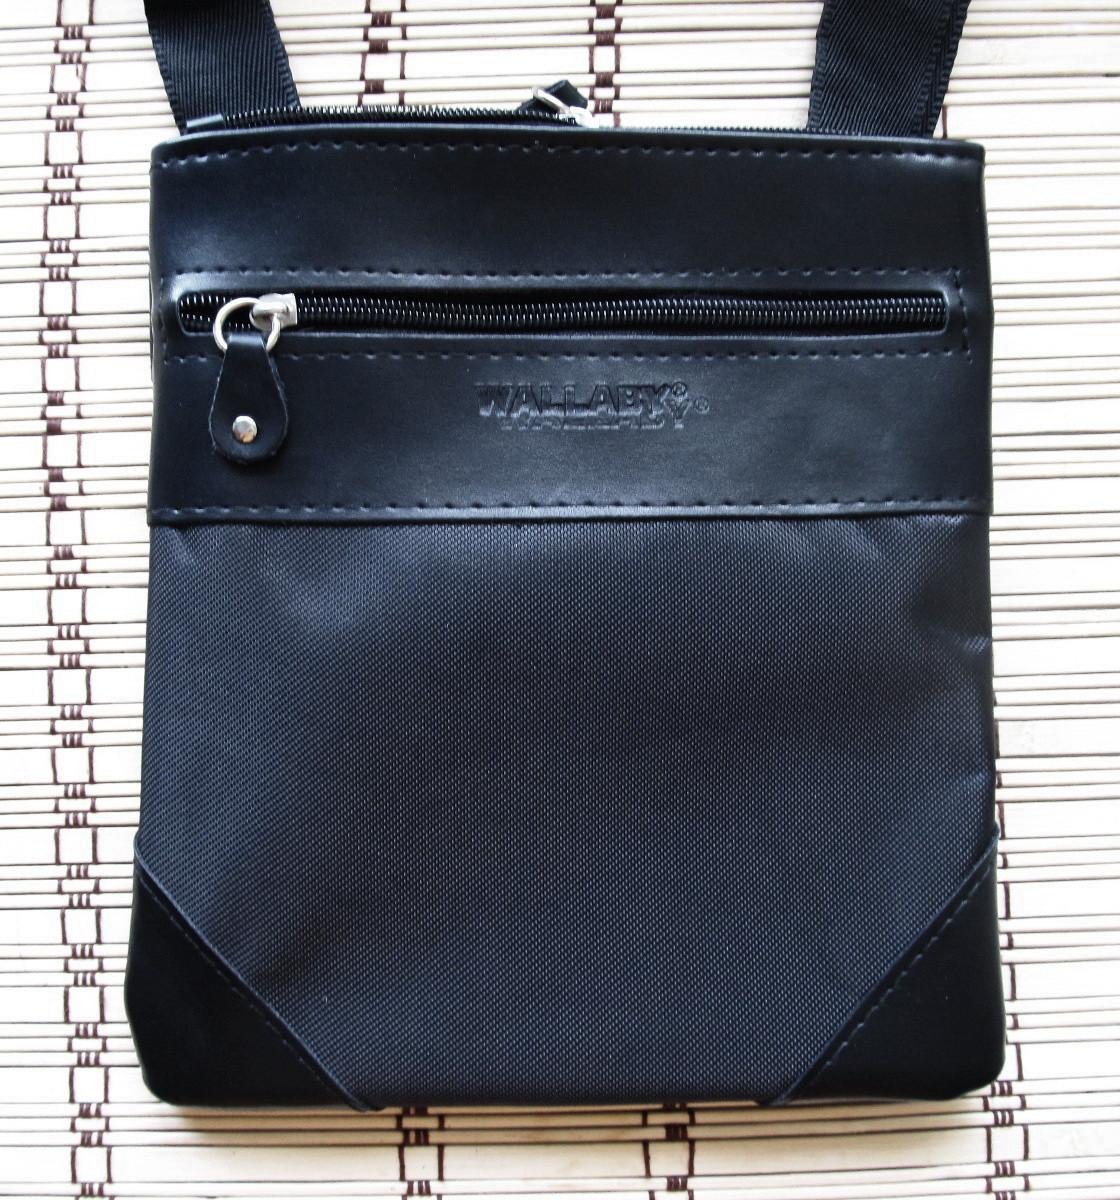 6ff40c5ea07c Мужская сумка Wallaby 264 черная барсетка через плечо Планшет 23х20см